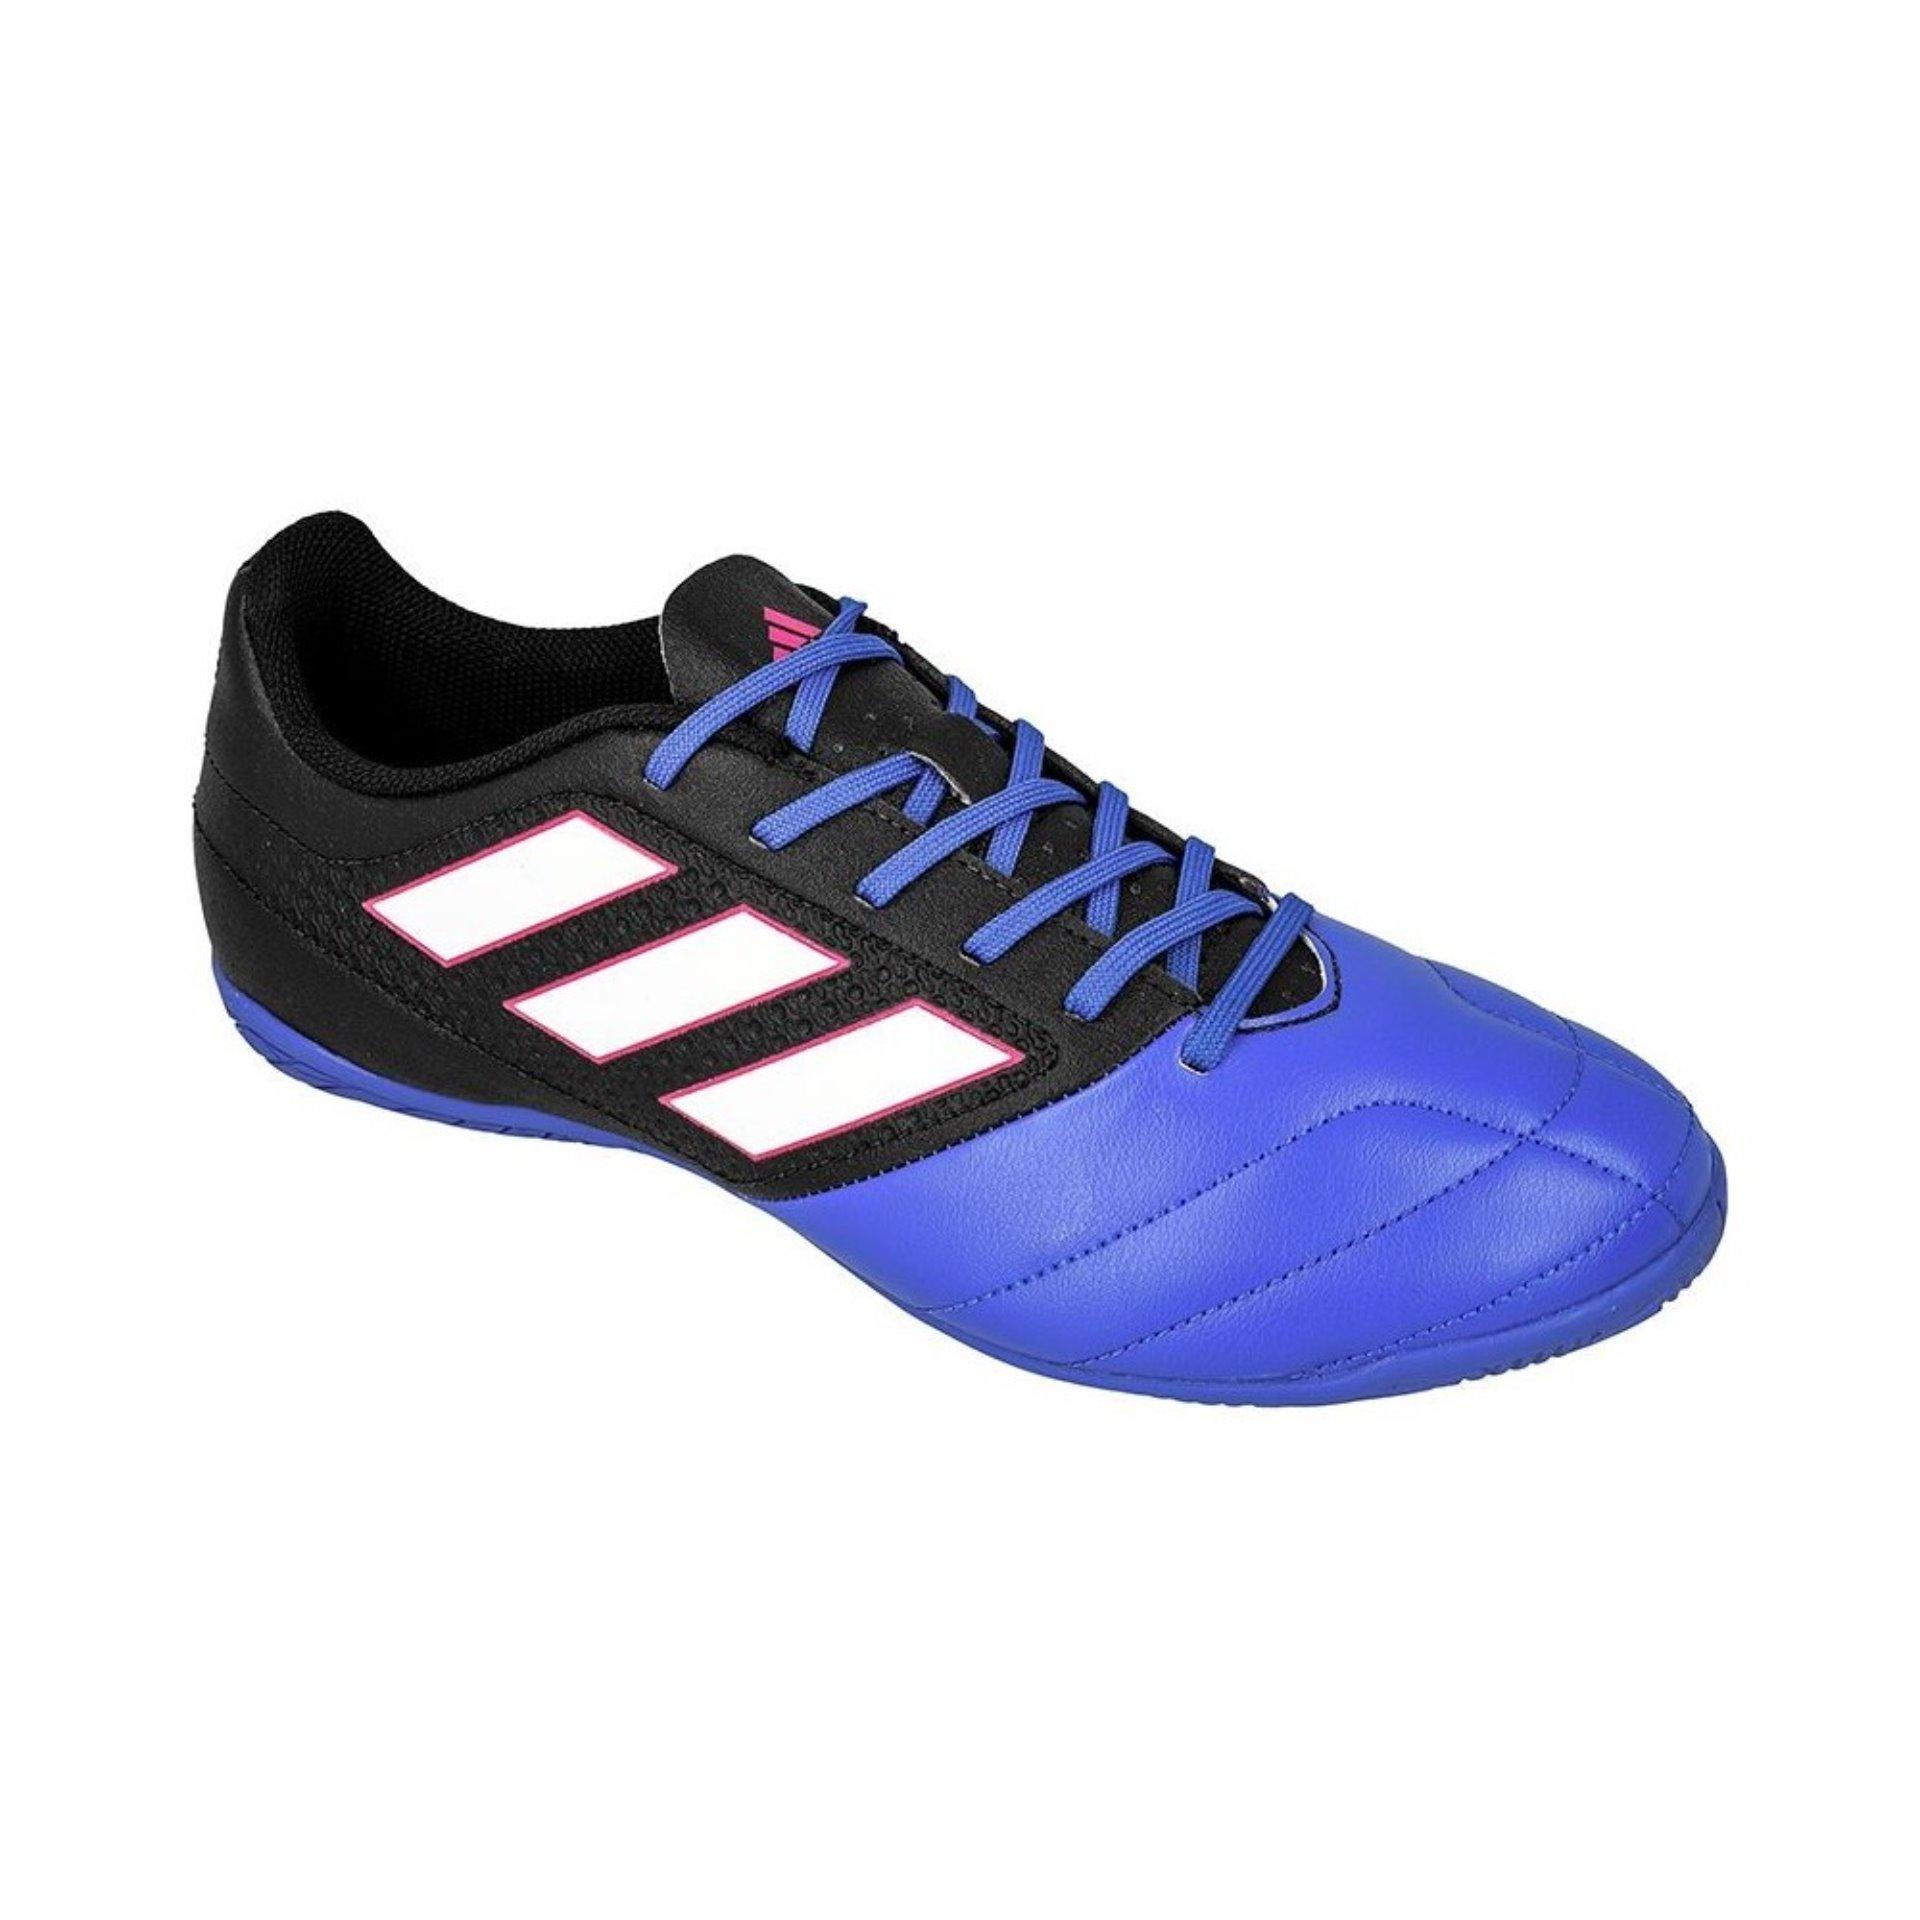 Ulasan Lengkap Tentang Adidas Sepatu Futsal Ace 17 4 In Bb1767 Biru